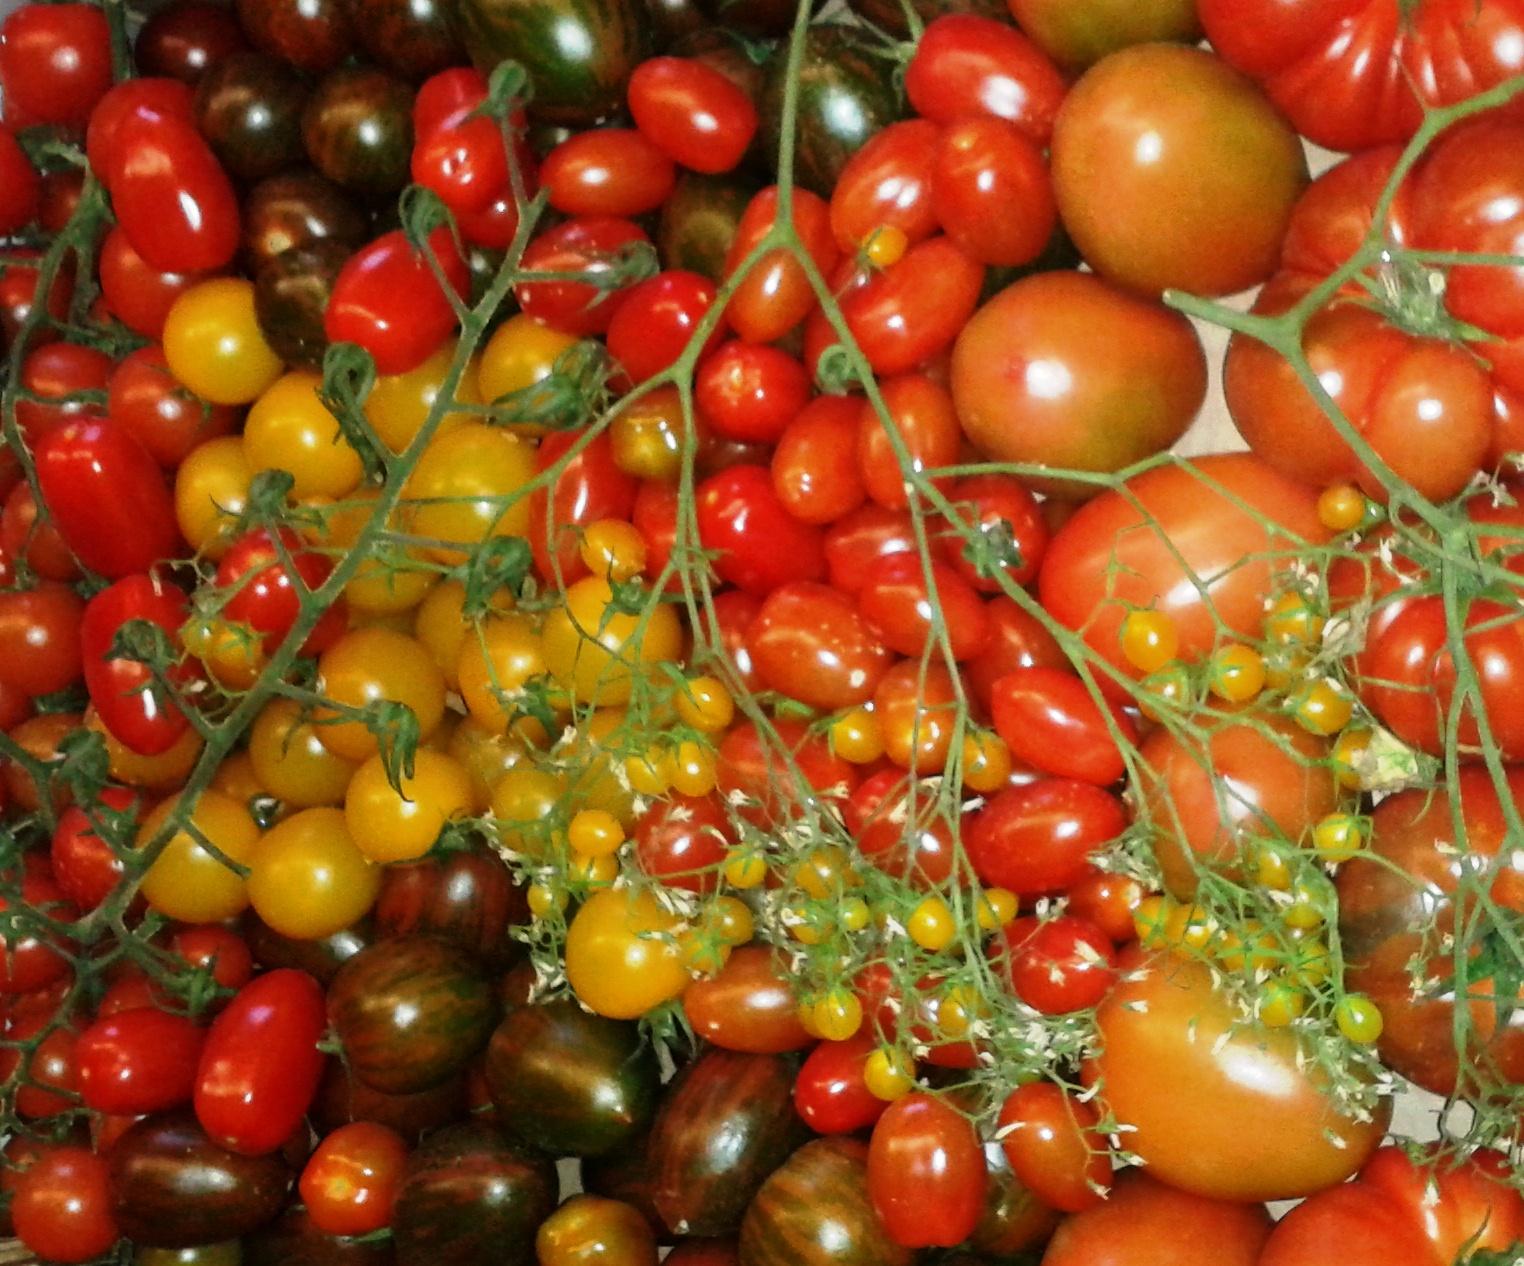 Quintero afirma que el sector tomatero mantiene una contribución significativa a la renta y el empleo de las Islas